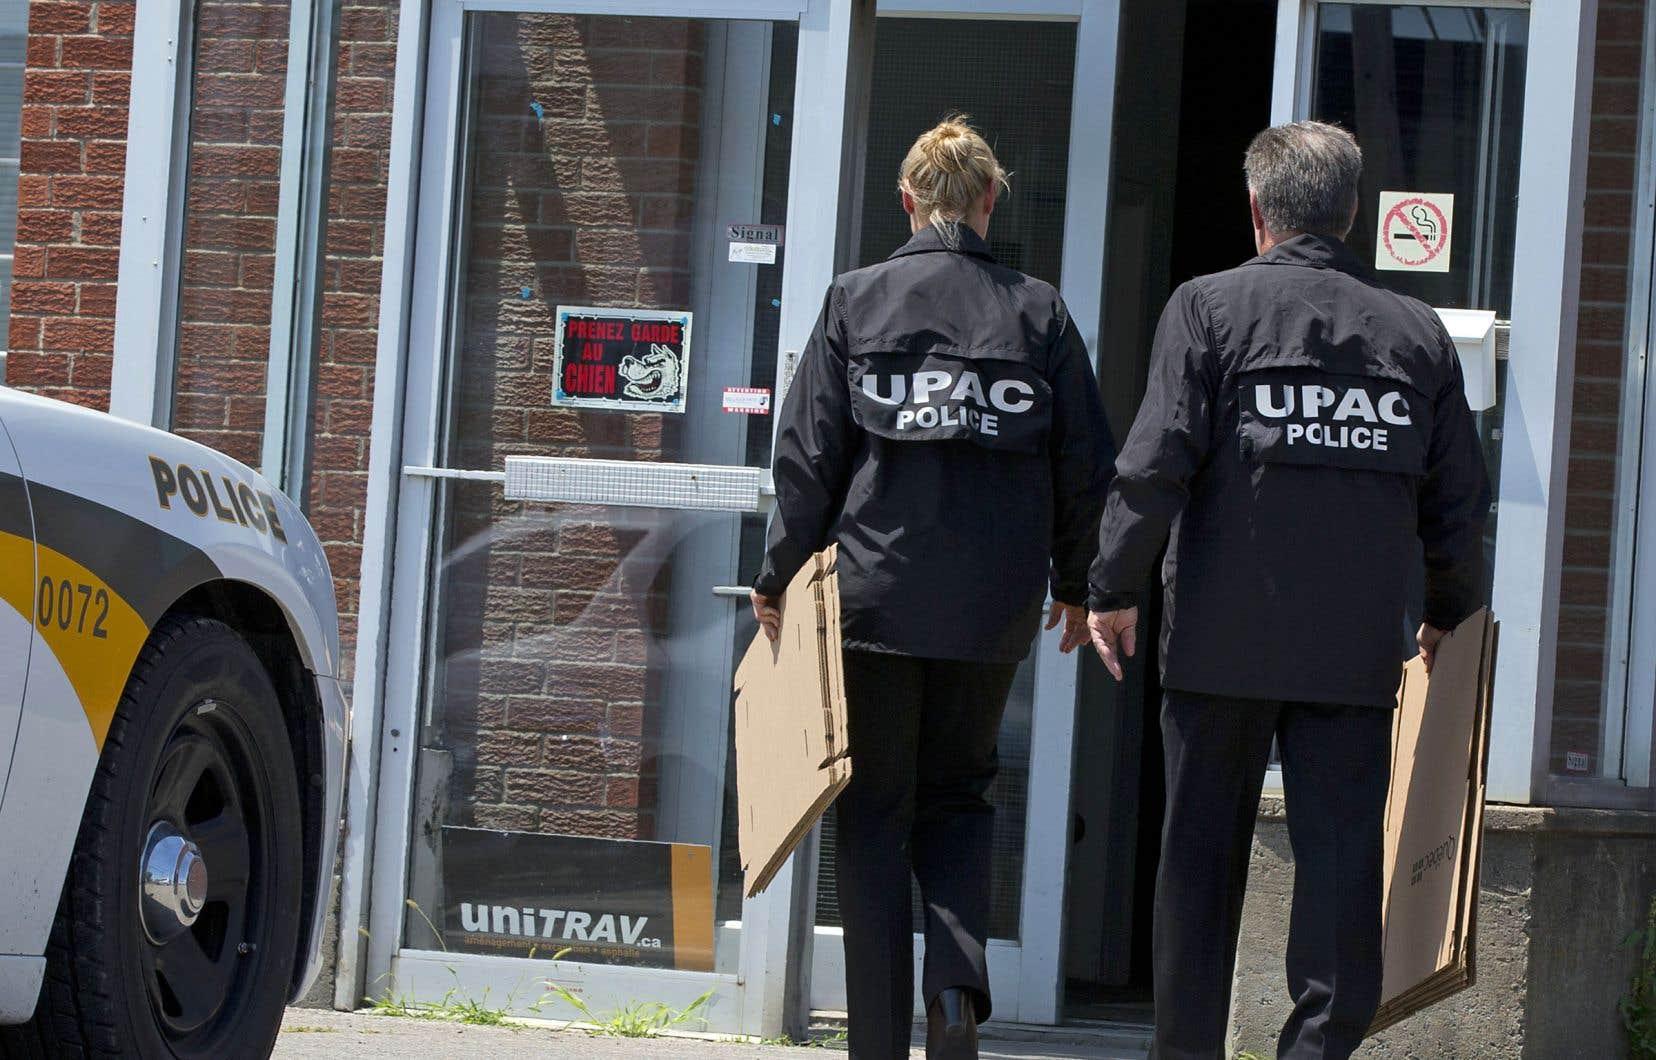 Le BEI devra notammentexaminer la «conduite» de l'enquête Projet A — qui porte elle-même sur des fuites à l'UPAC.